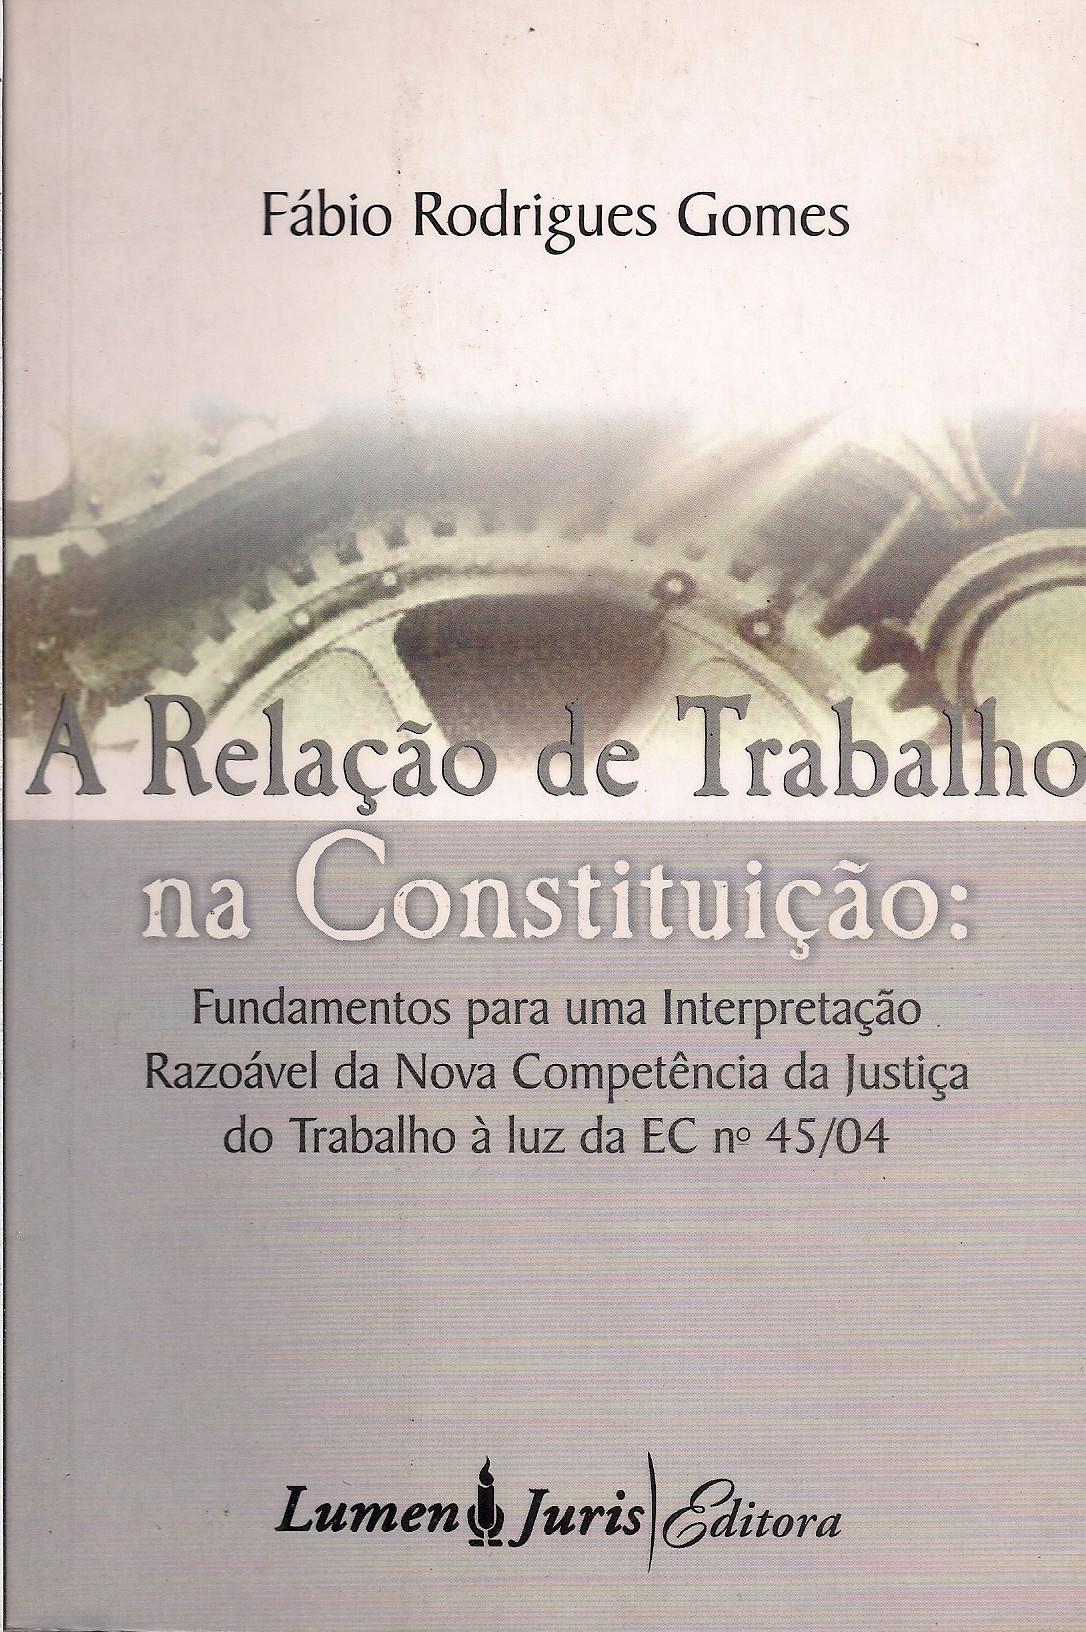 Foto 1 - A Relação de Trabalho na Constituição